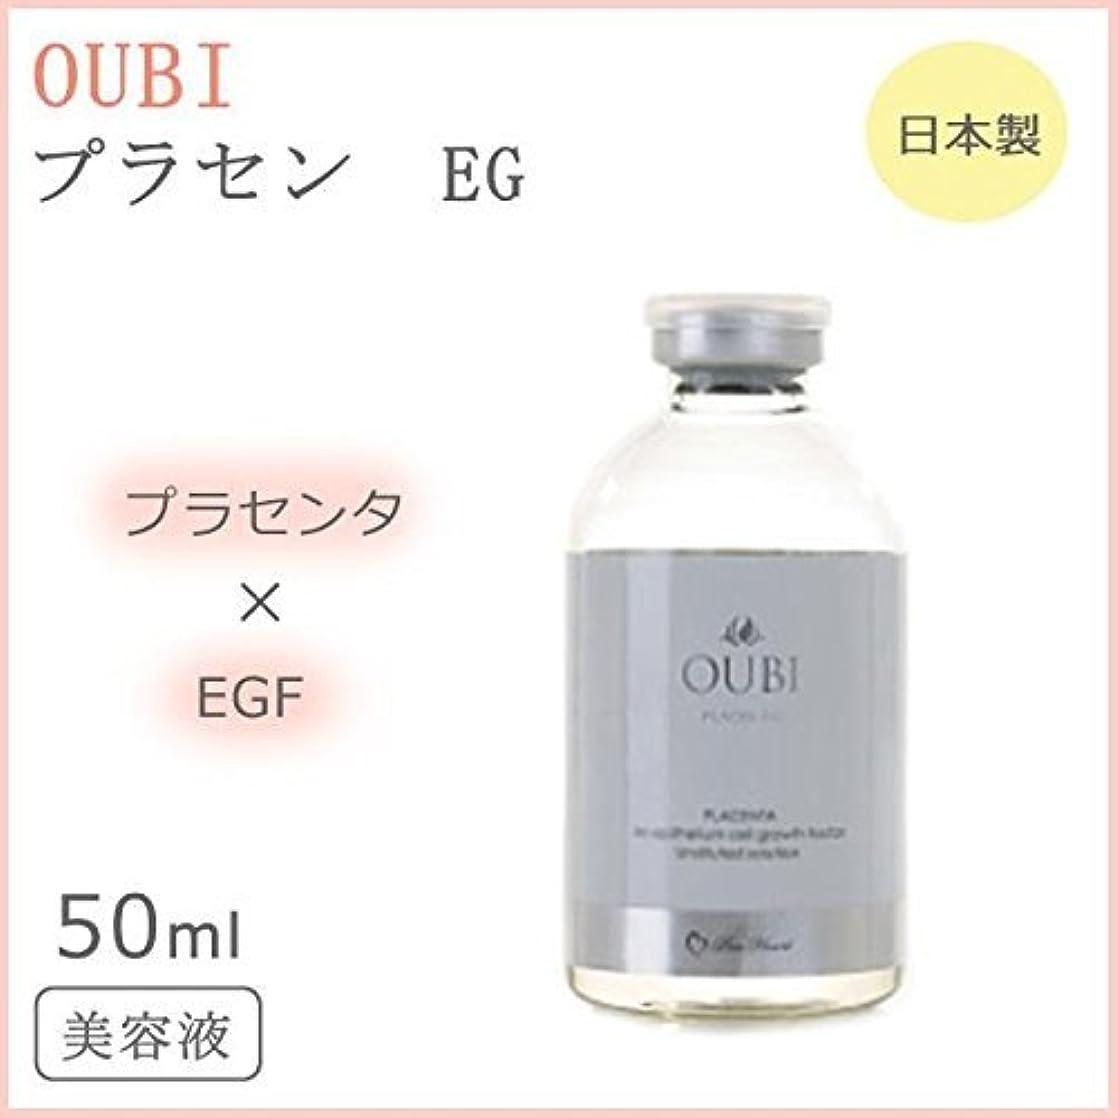 忍耐焼く文OUBIプラセンEG50ml